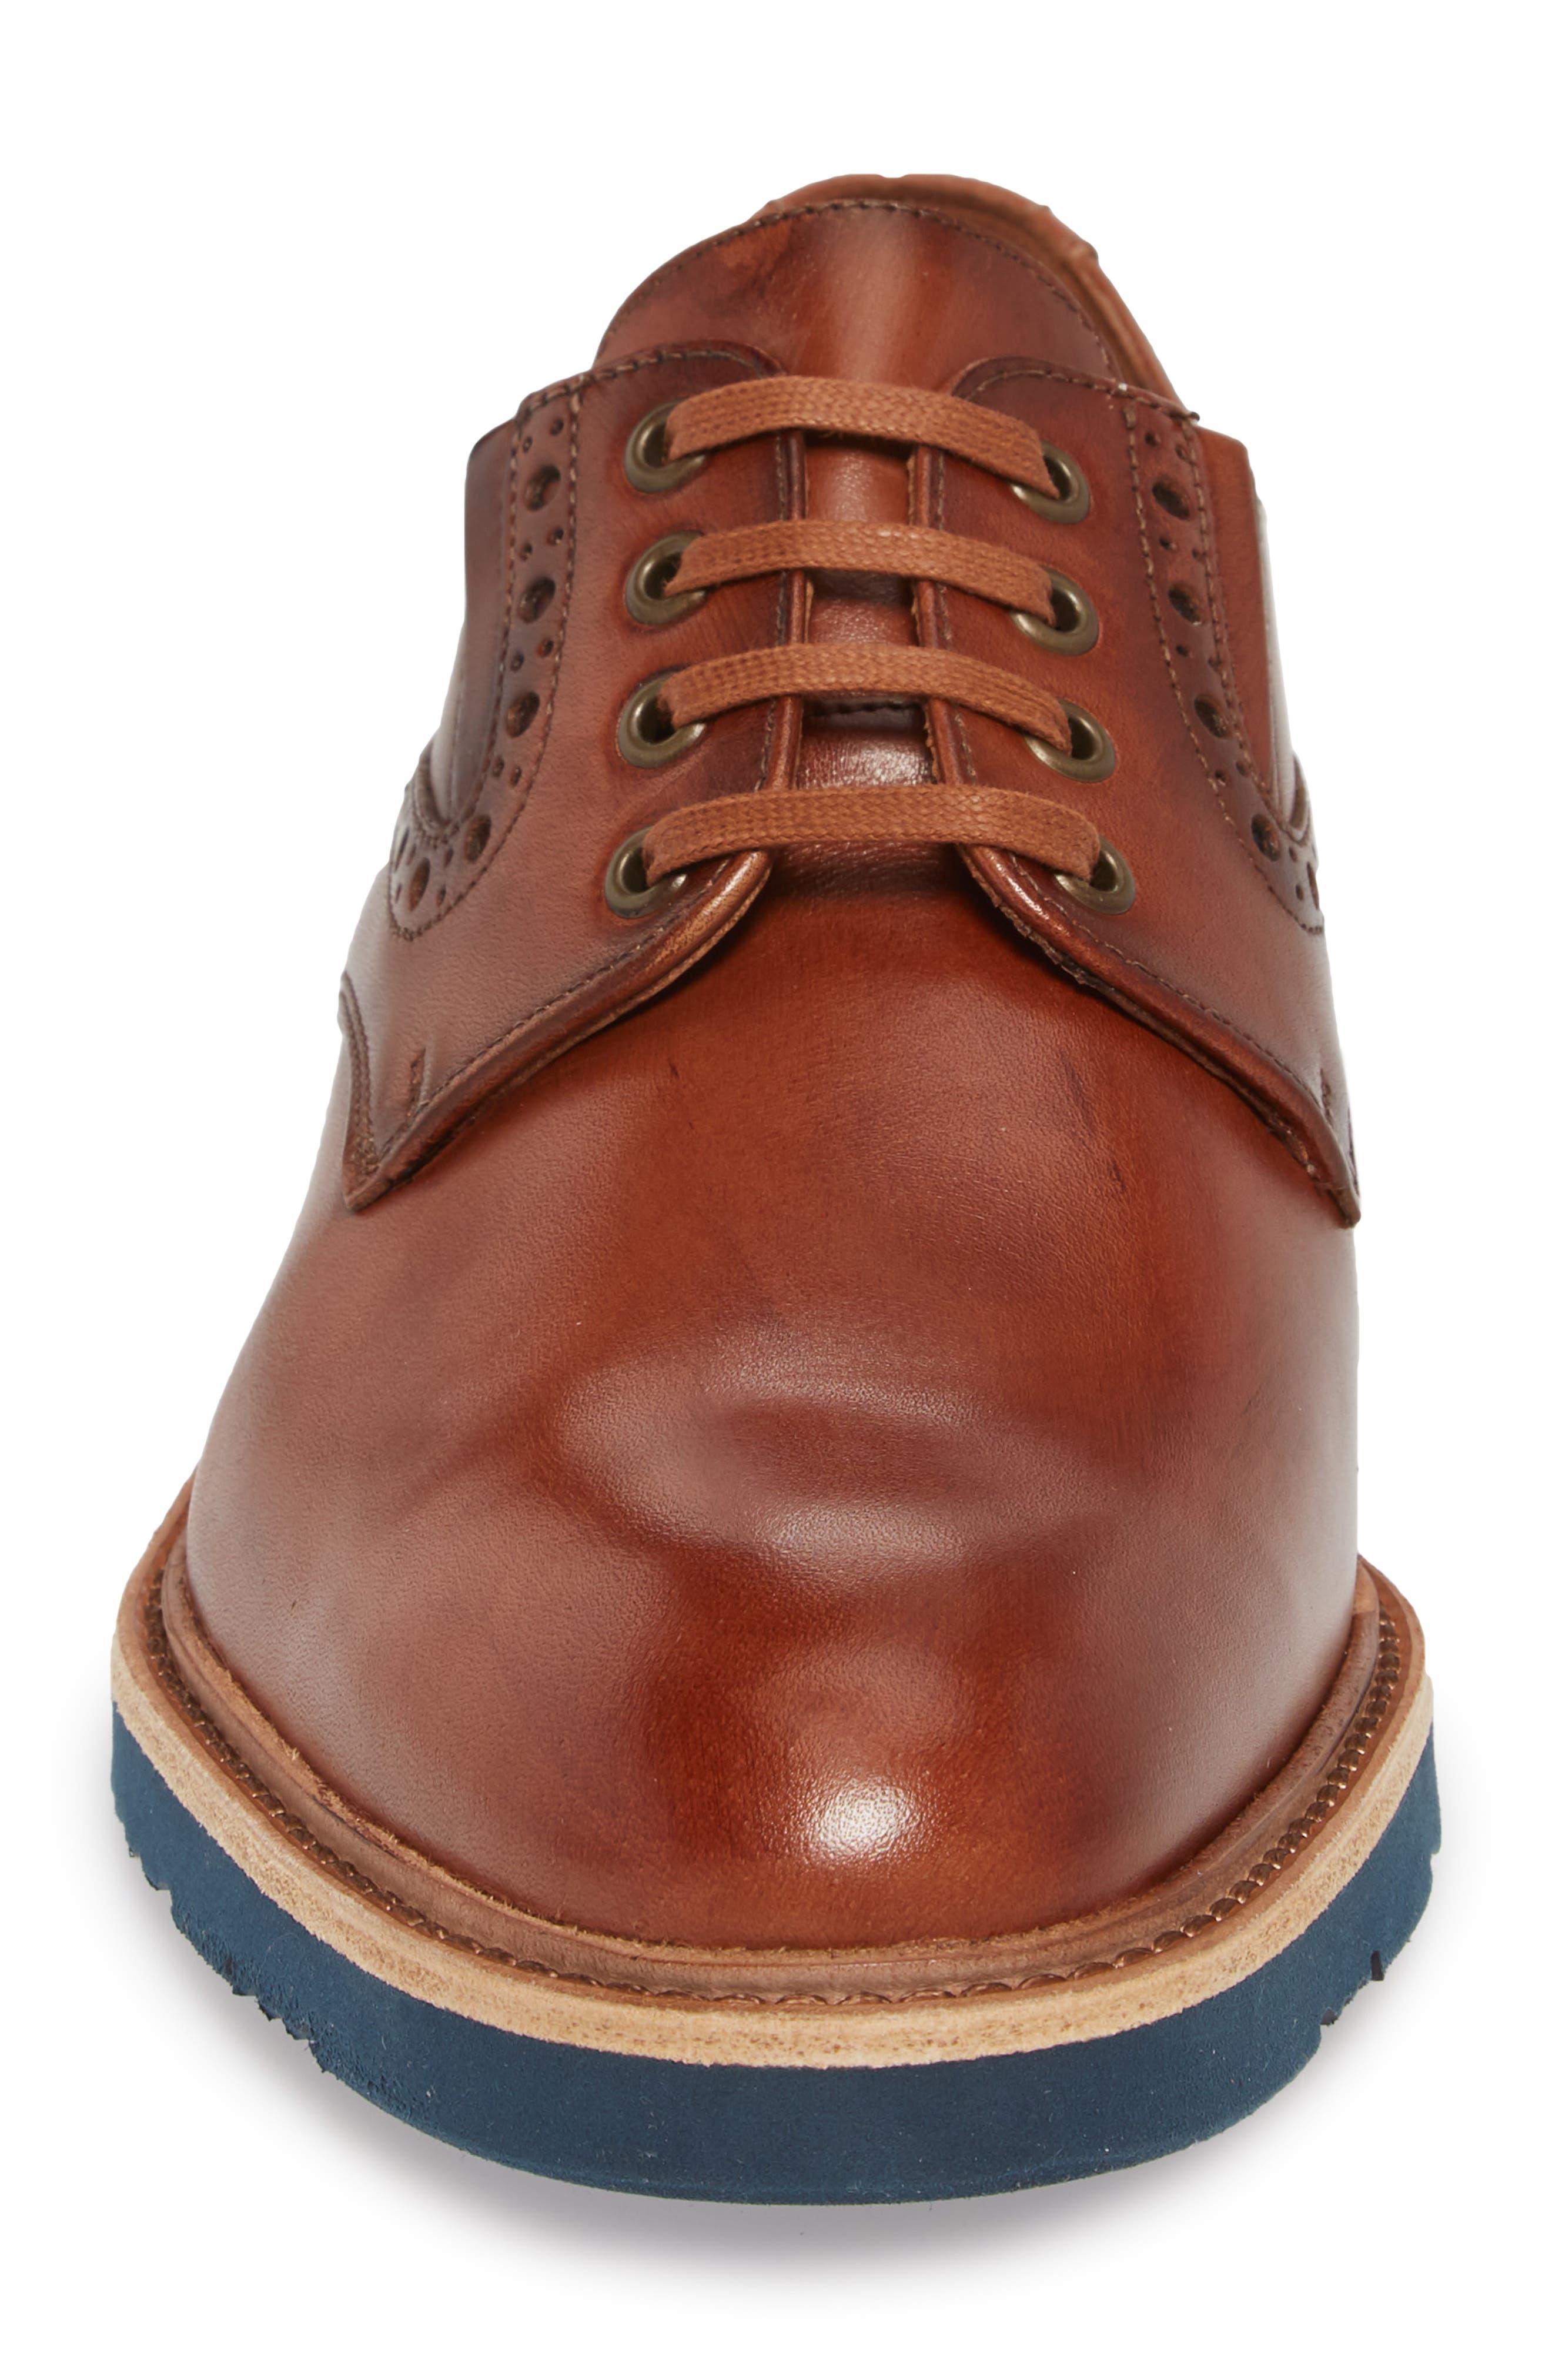 Kandy Plain Toe Derby,                             Alternate thumbnail 4, color,                             Cognac Leather